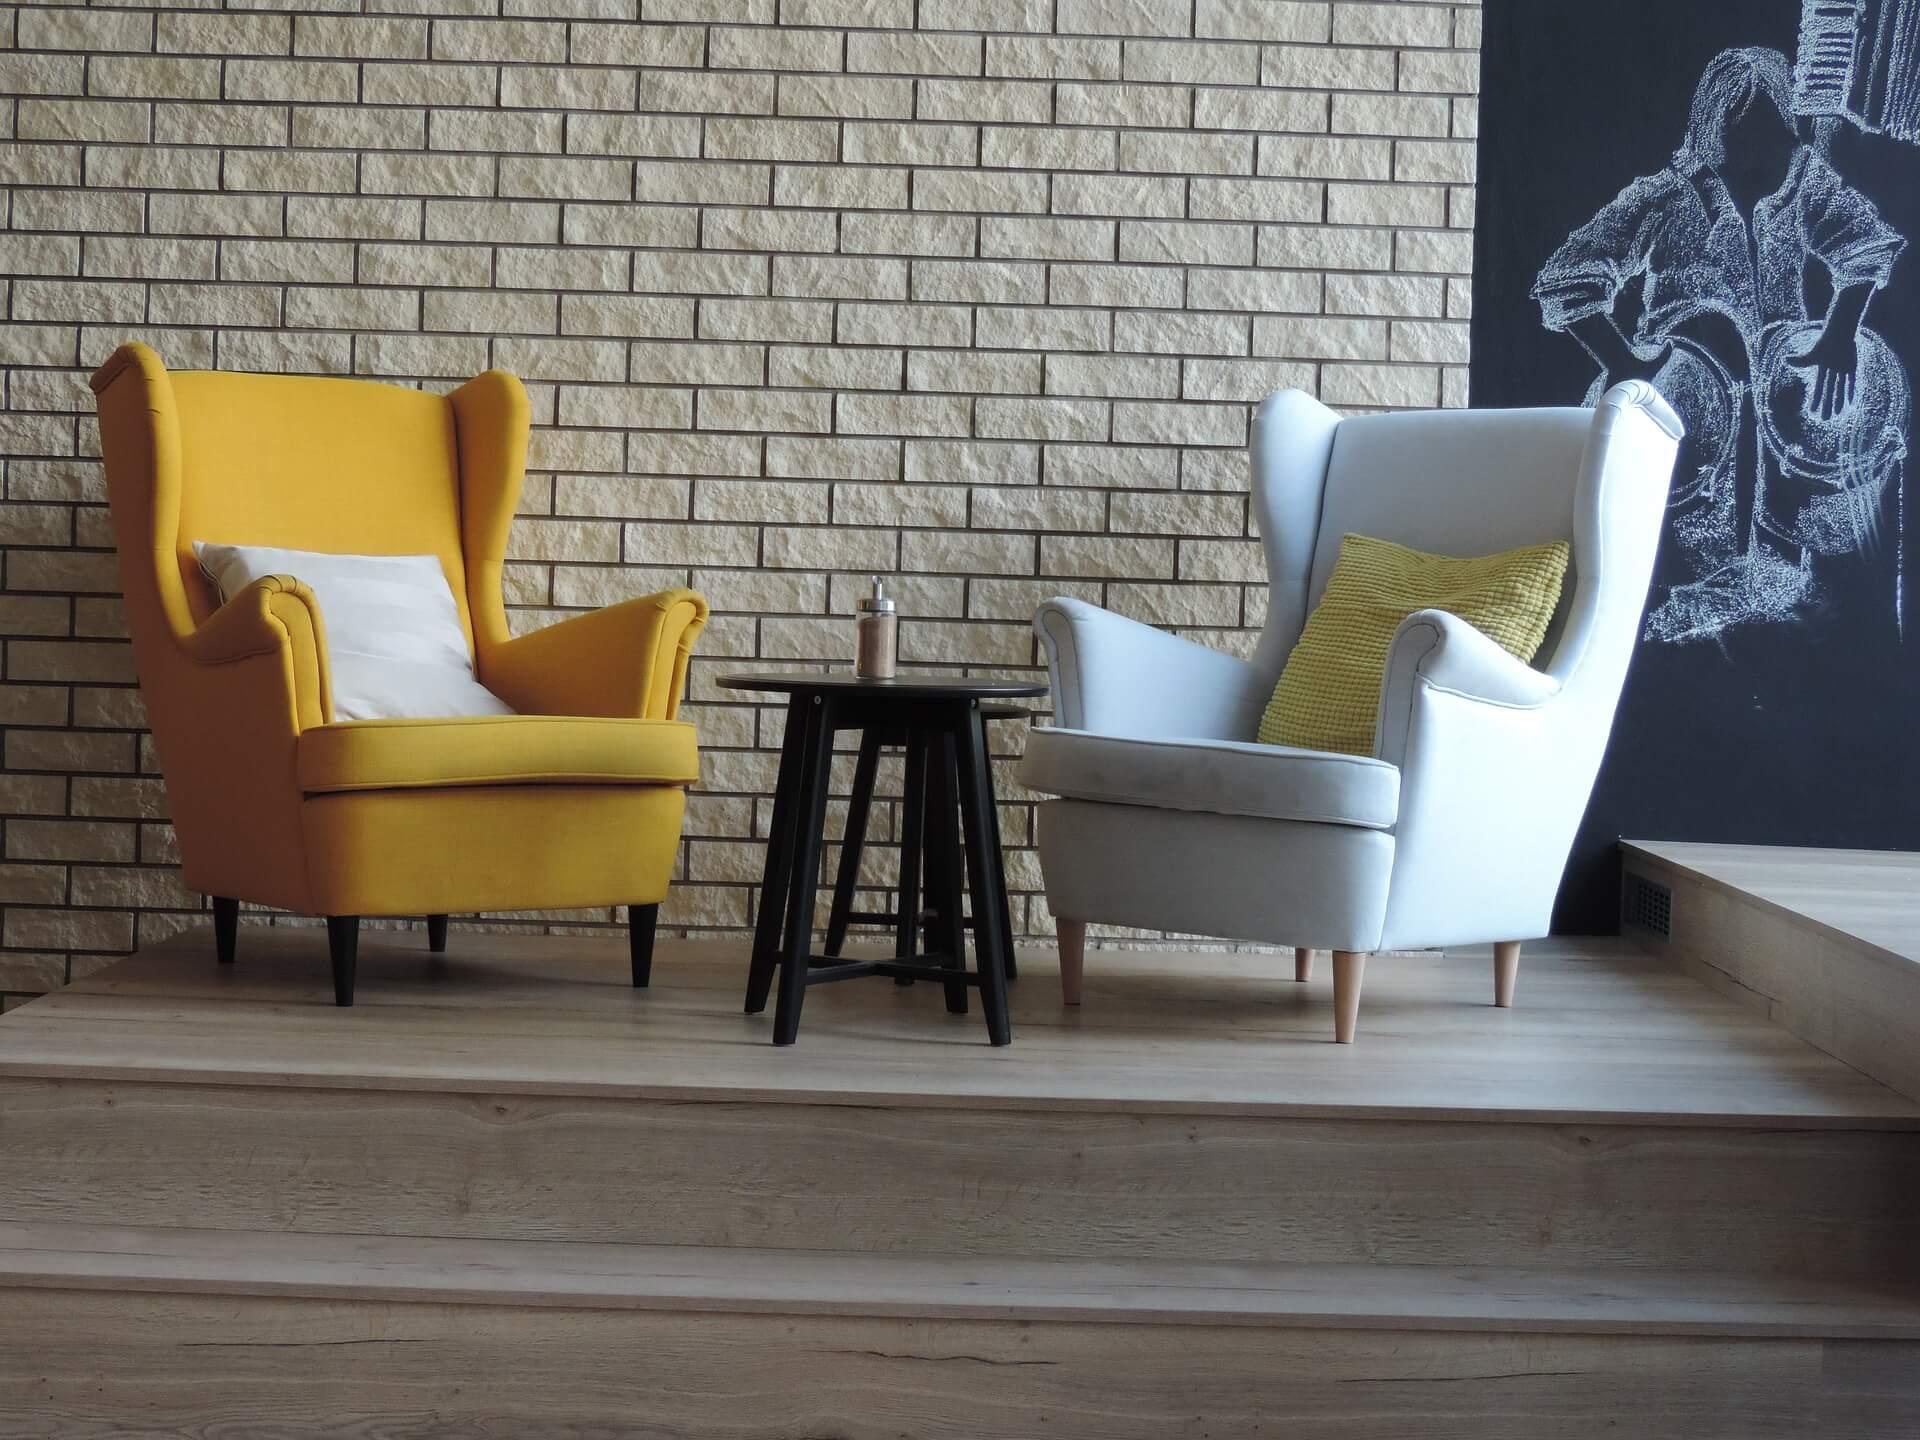 deux fauteuils face à face